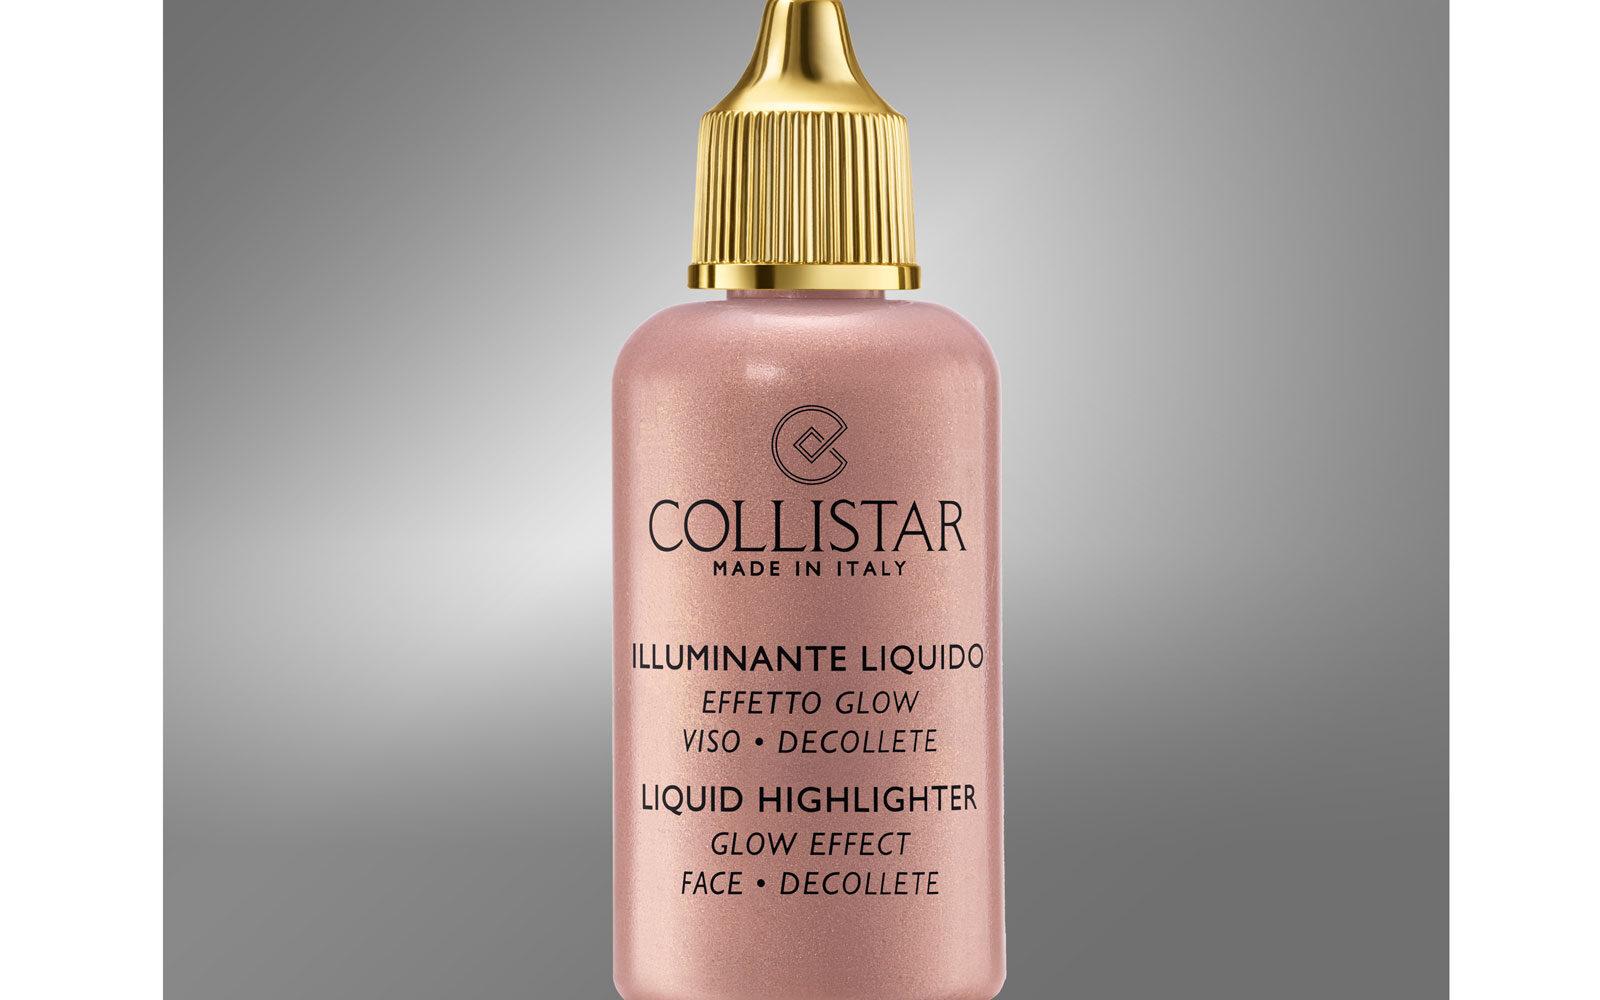 Un tocco extra di brillantezza sul viso e sul décolleté con l'Illuminante Liquido di Collistar (profumeria, 18 euro).